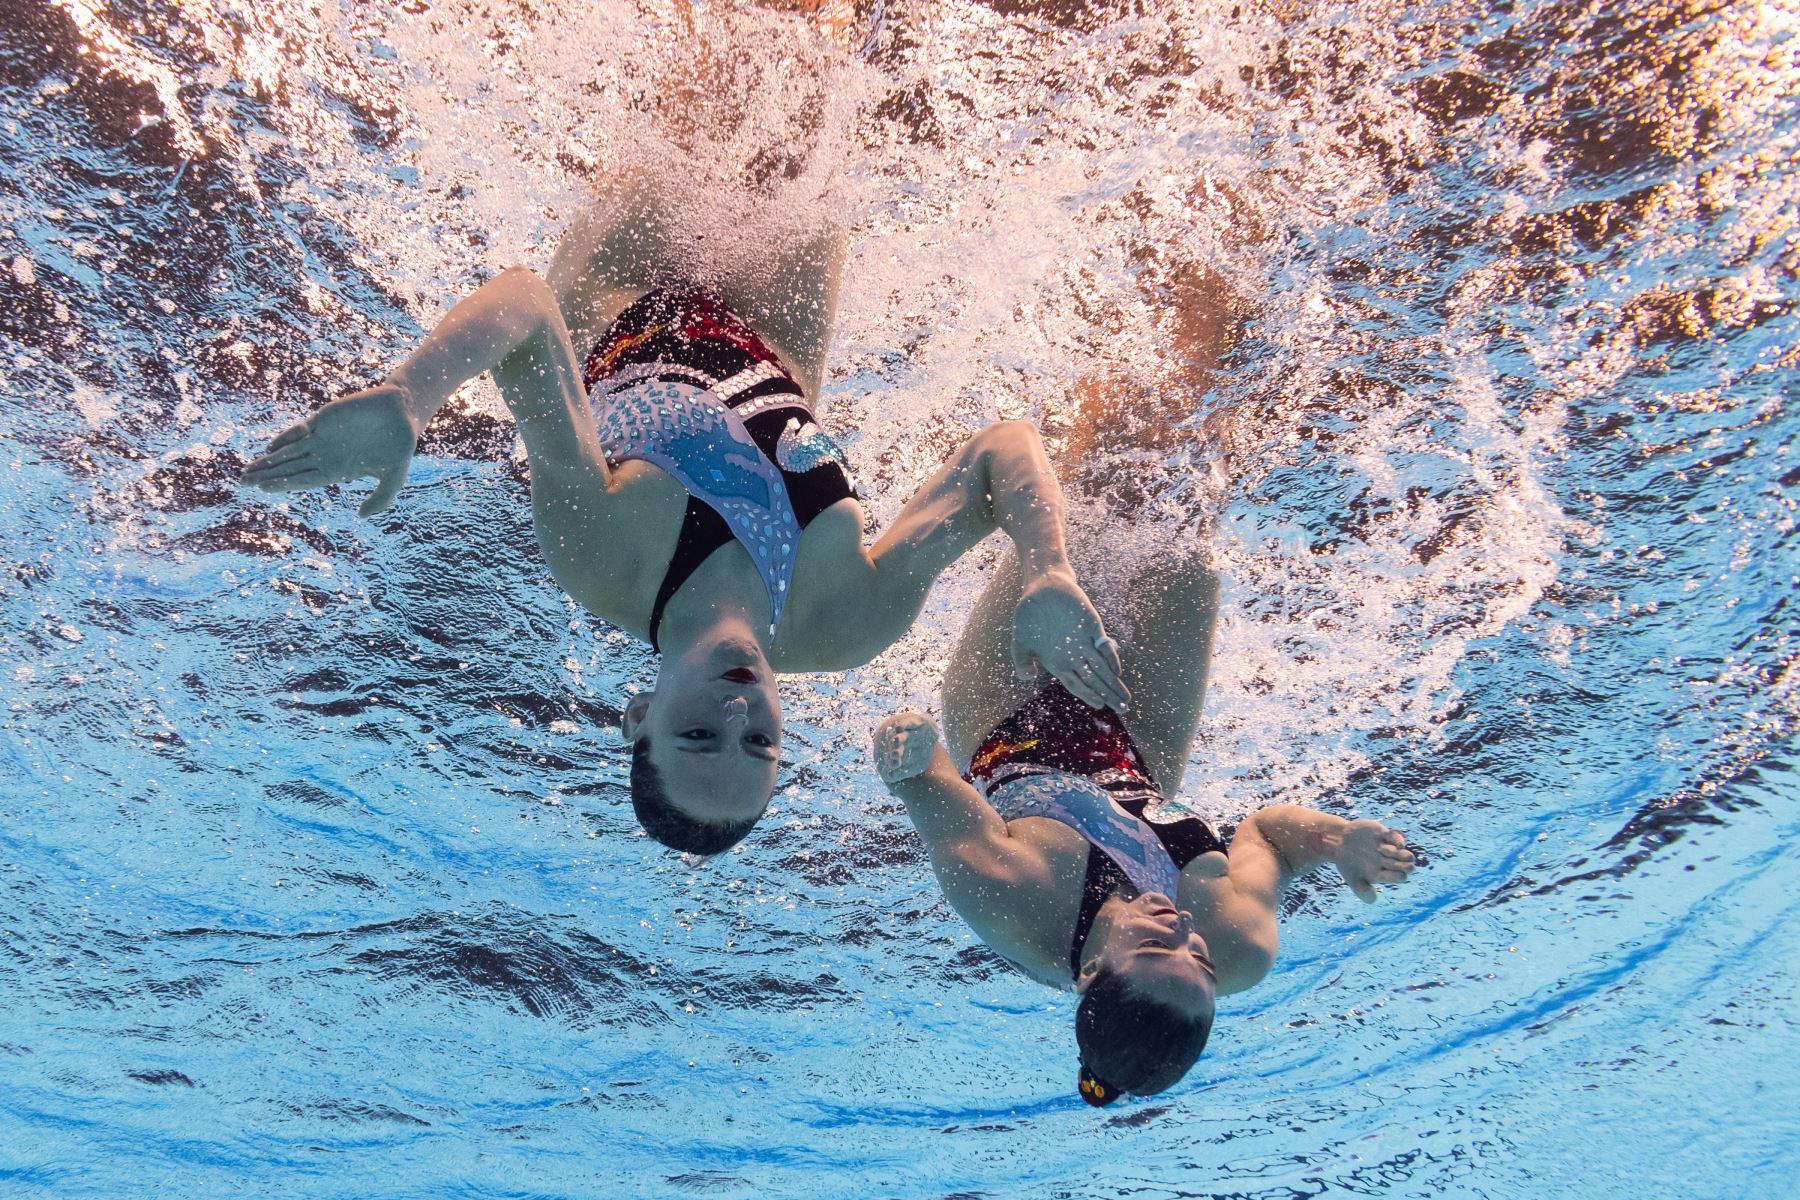 Camila Arregui y Trinidad López Brasesco de Argentina compiten en el dúo técnico artístico de natación durante el Campeonato Mundial 2019. Foto: AFP